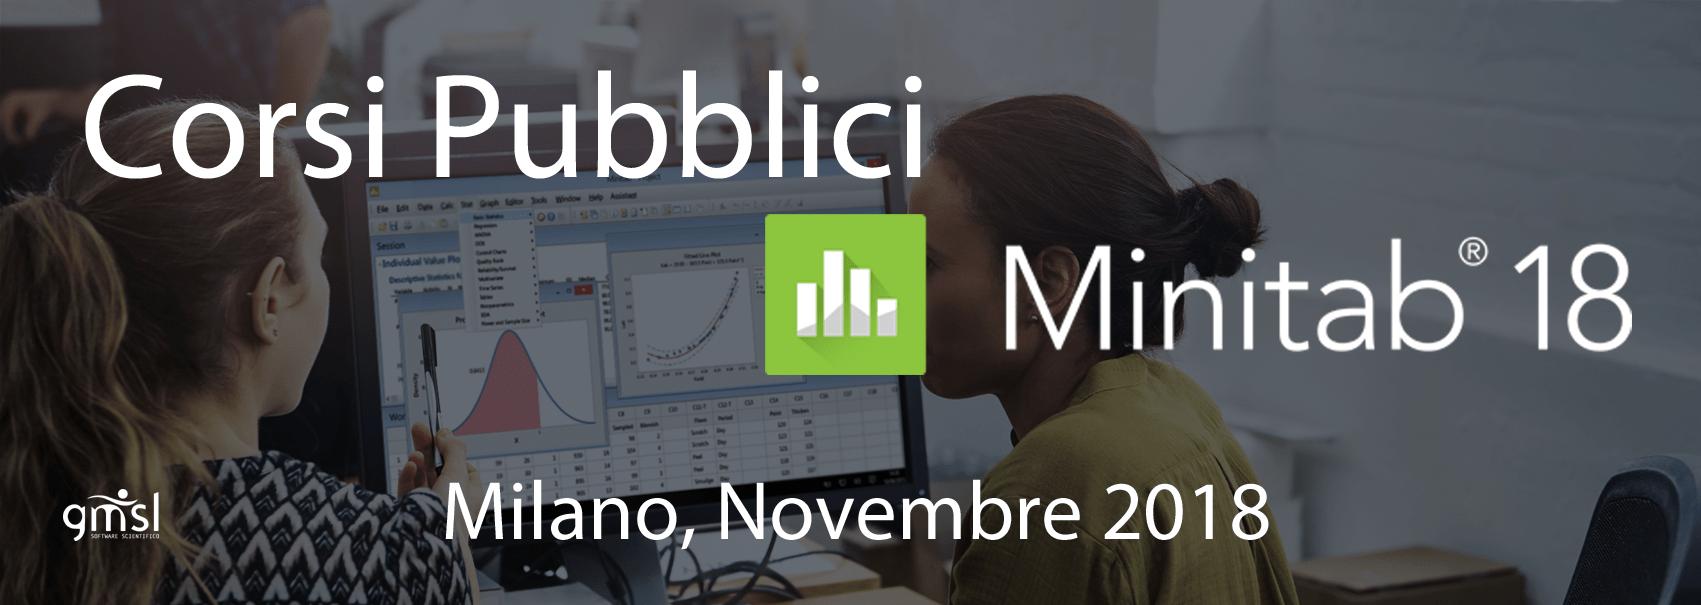 Corsi-Minitab_MI_11_2018 Minitab – Corsi pubblici. Milano, Novembre 2018